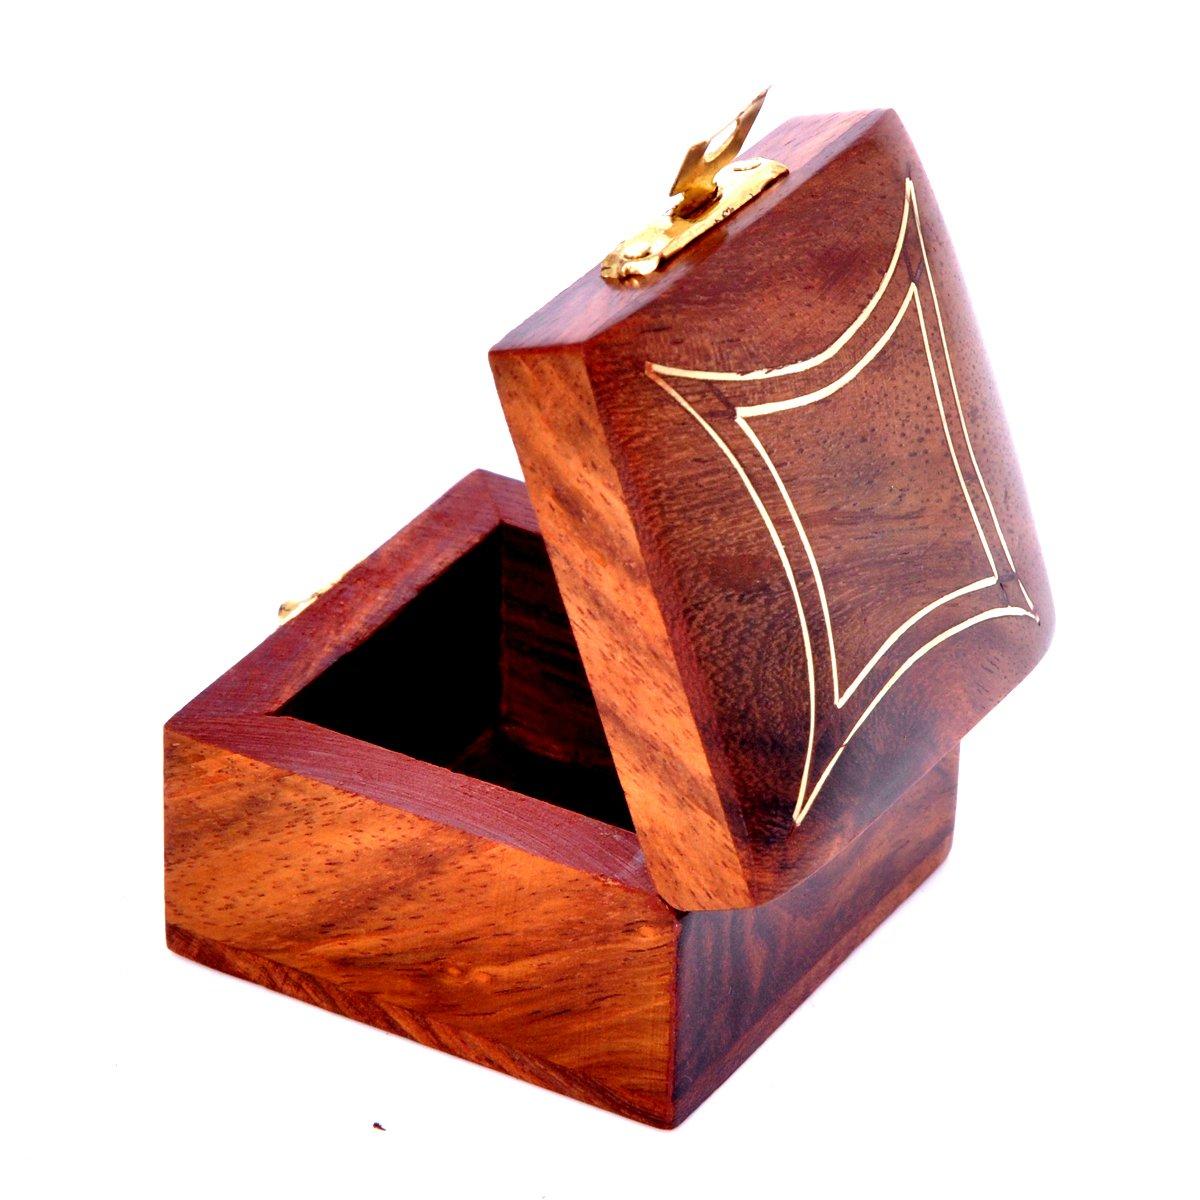 Hashcart Bague en Bois Bo/îte /à Bijoux Faite /à la Main Indien Fil de Laiton Incrustation Cadeau pour Les Femmes